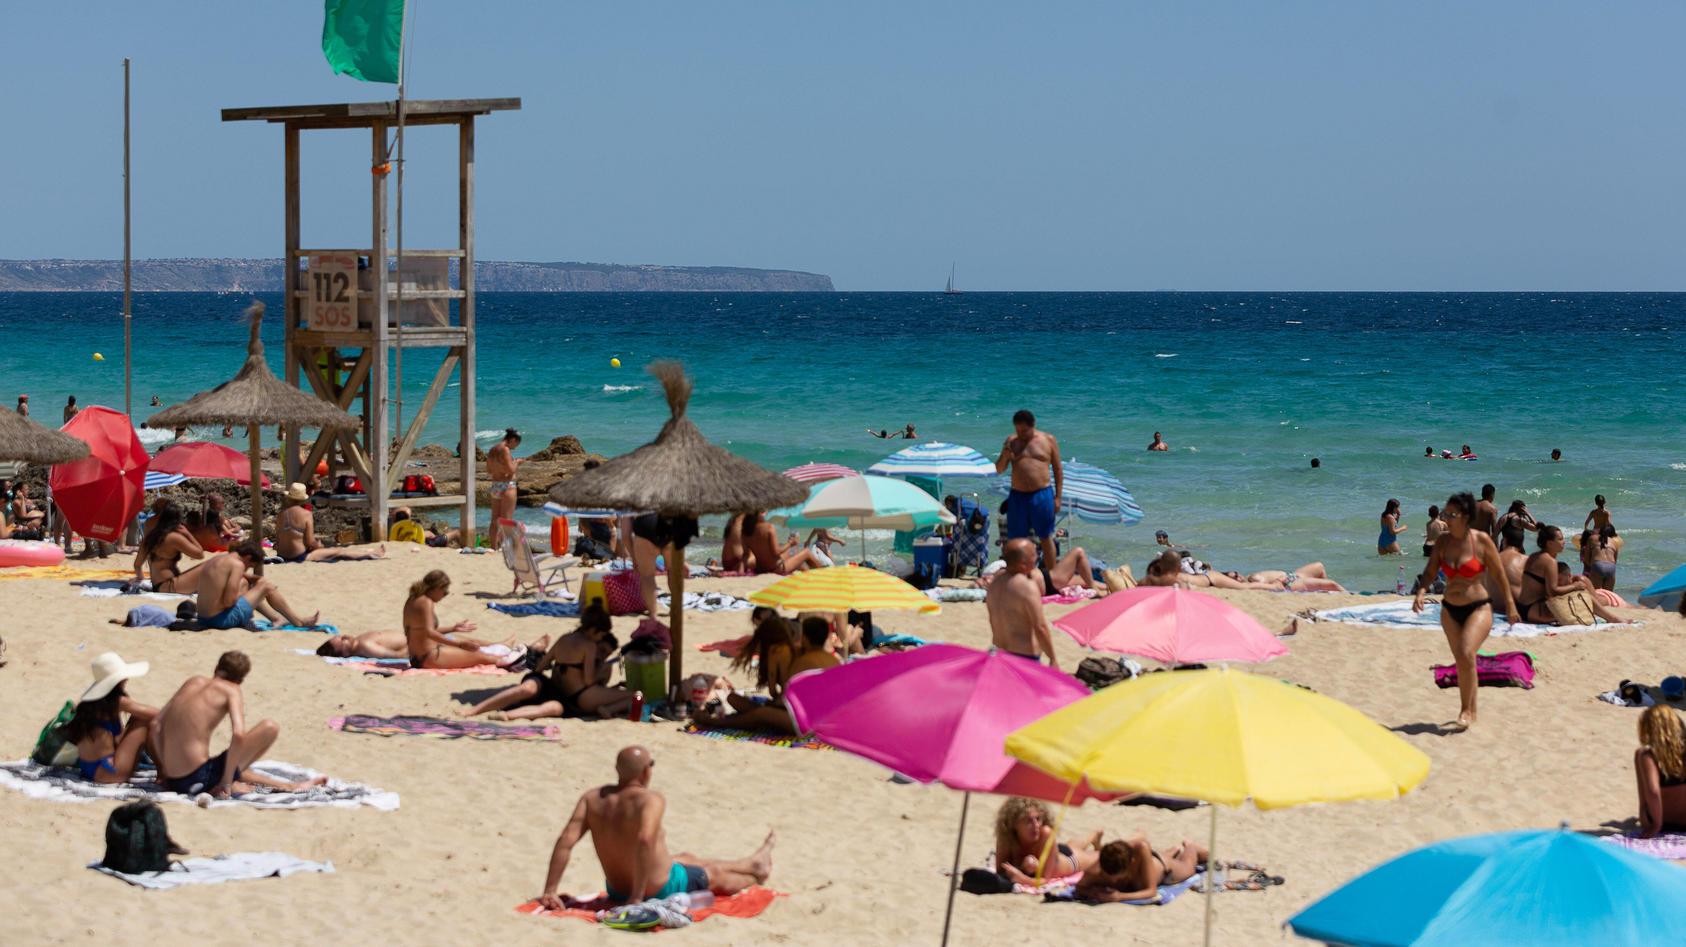 Sommer, Sonne, Strand - Urlaub tut immer gut! So reisen Sie sicher.